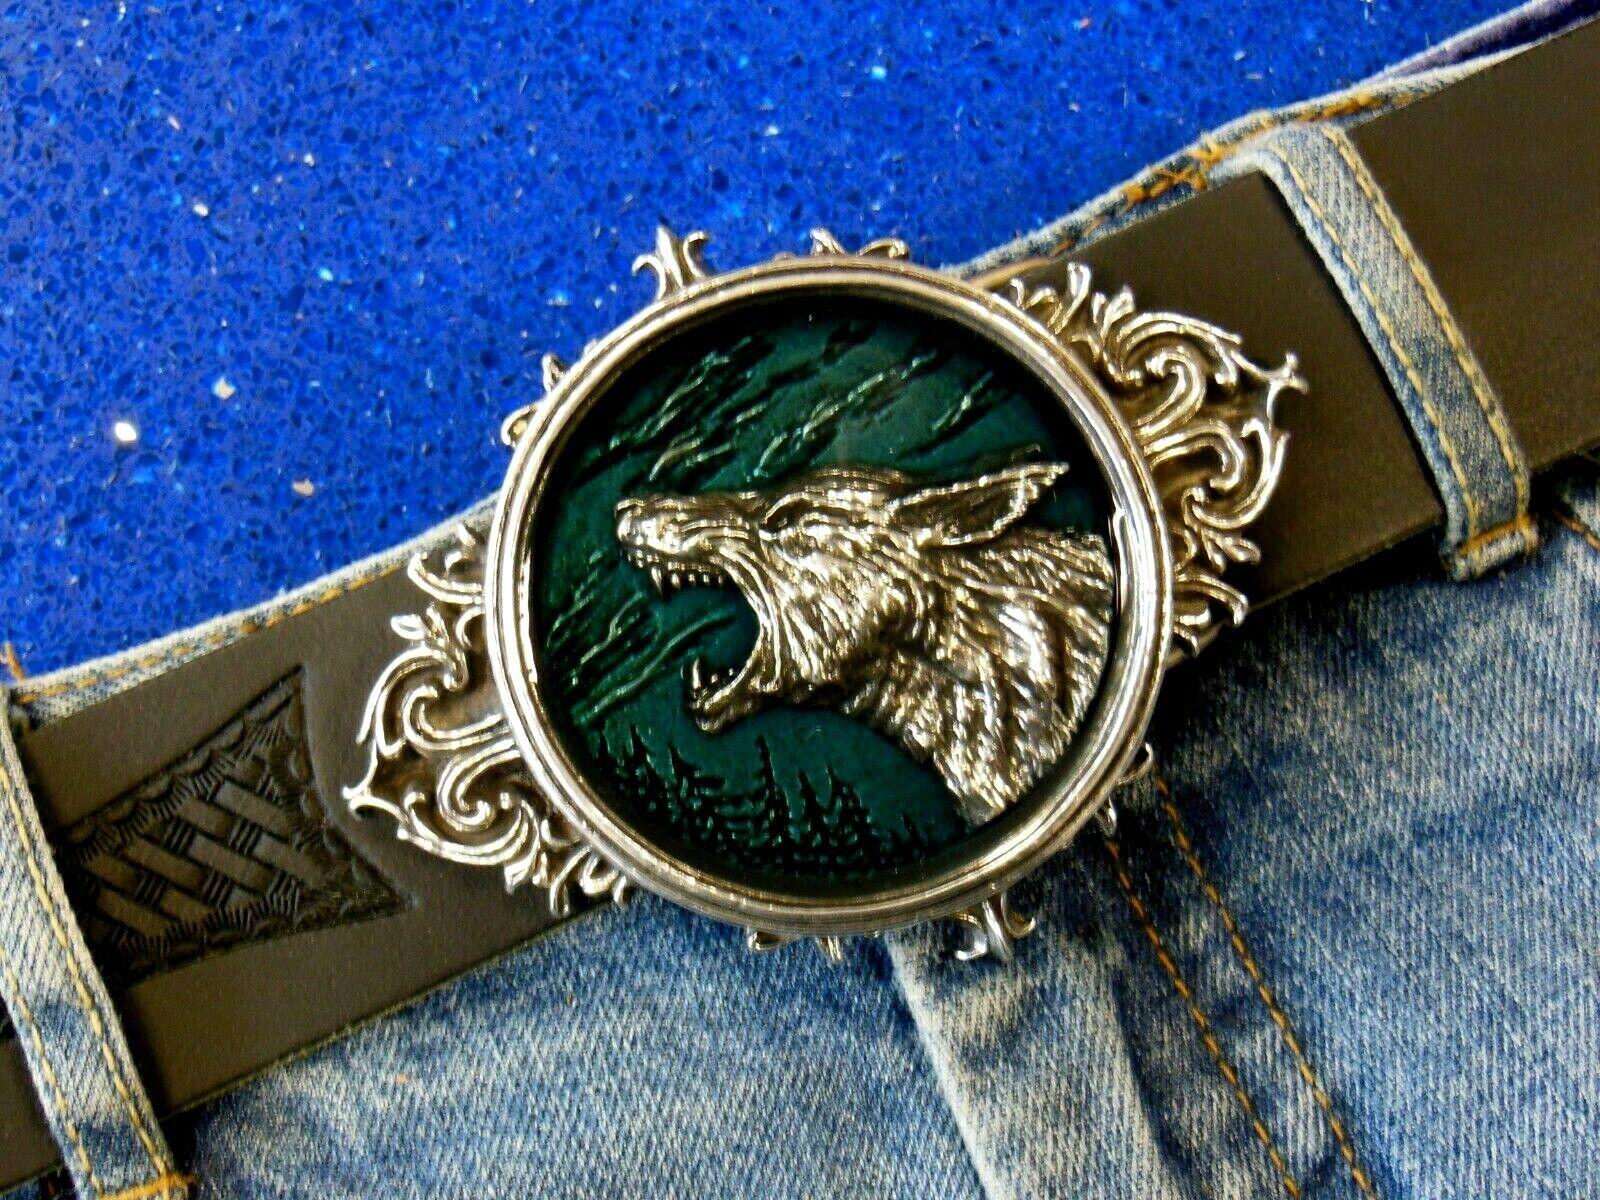 Gürtelschnalle Wolf Werwolf Alchemy Gothic Luxus Schnalle Buckle für 4cm Gürtel